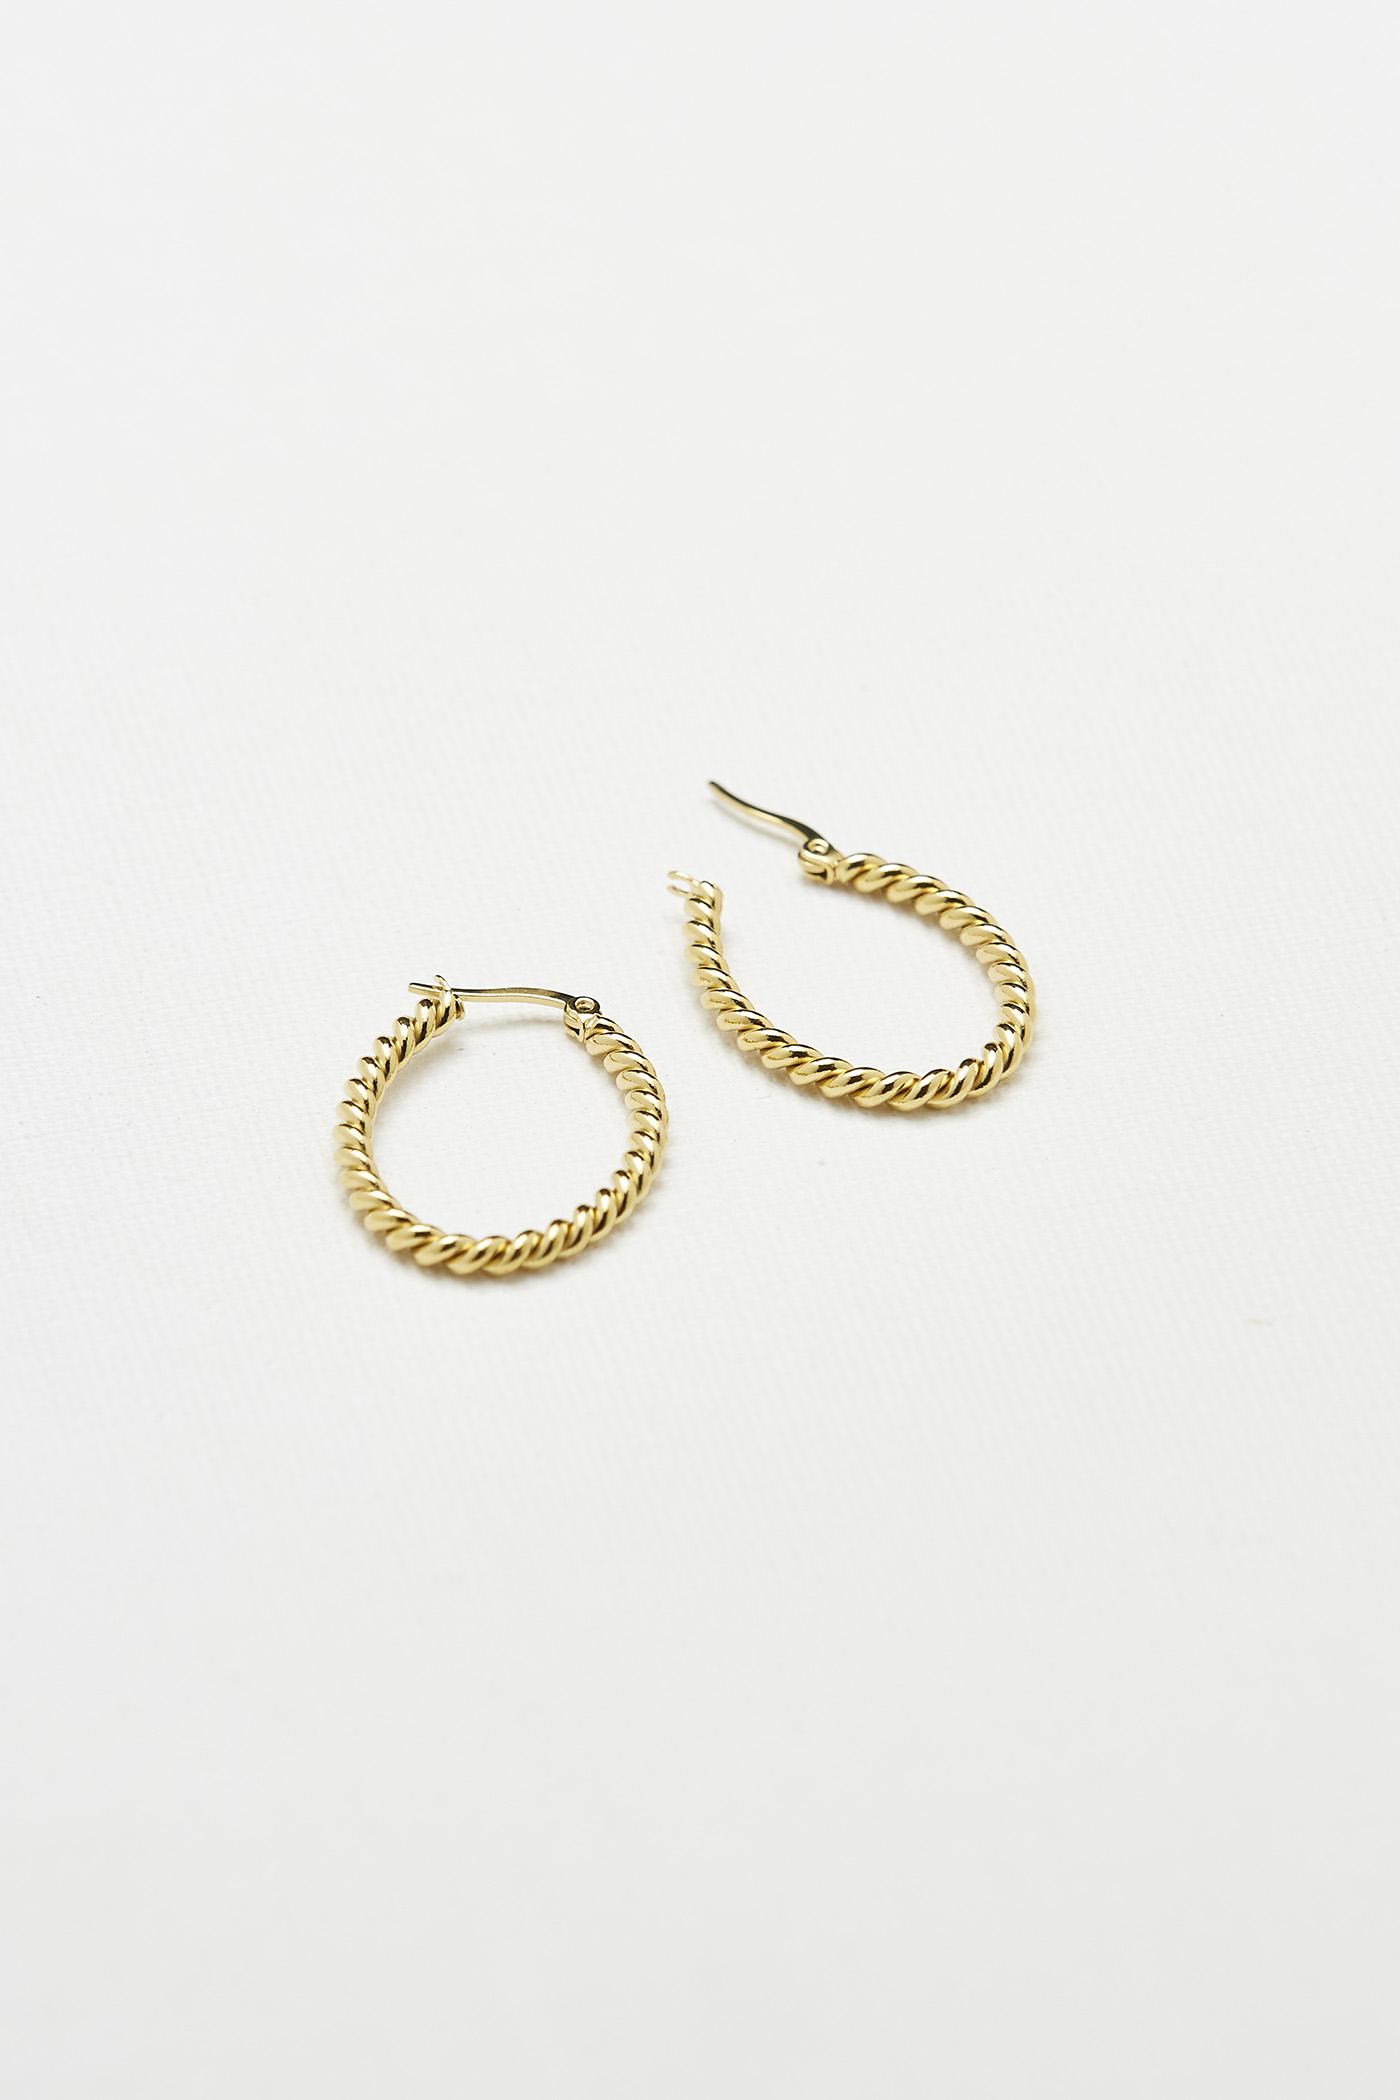 Alyce Earrings